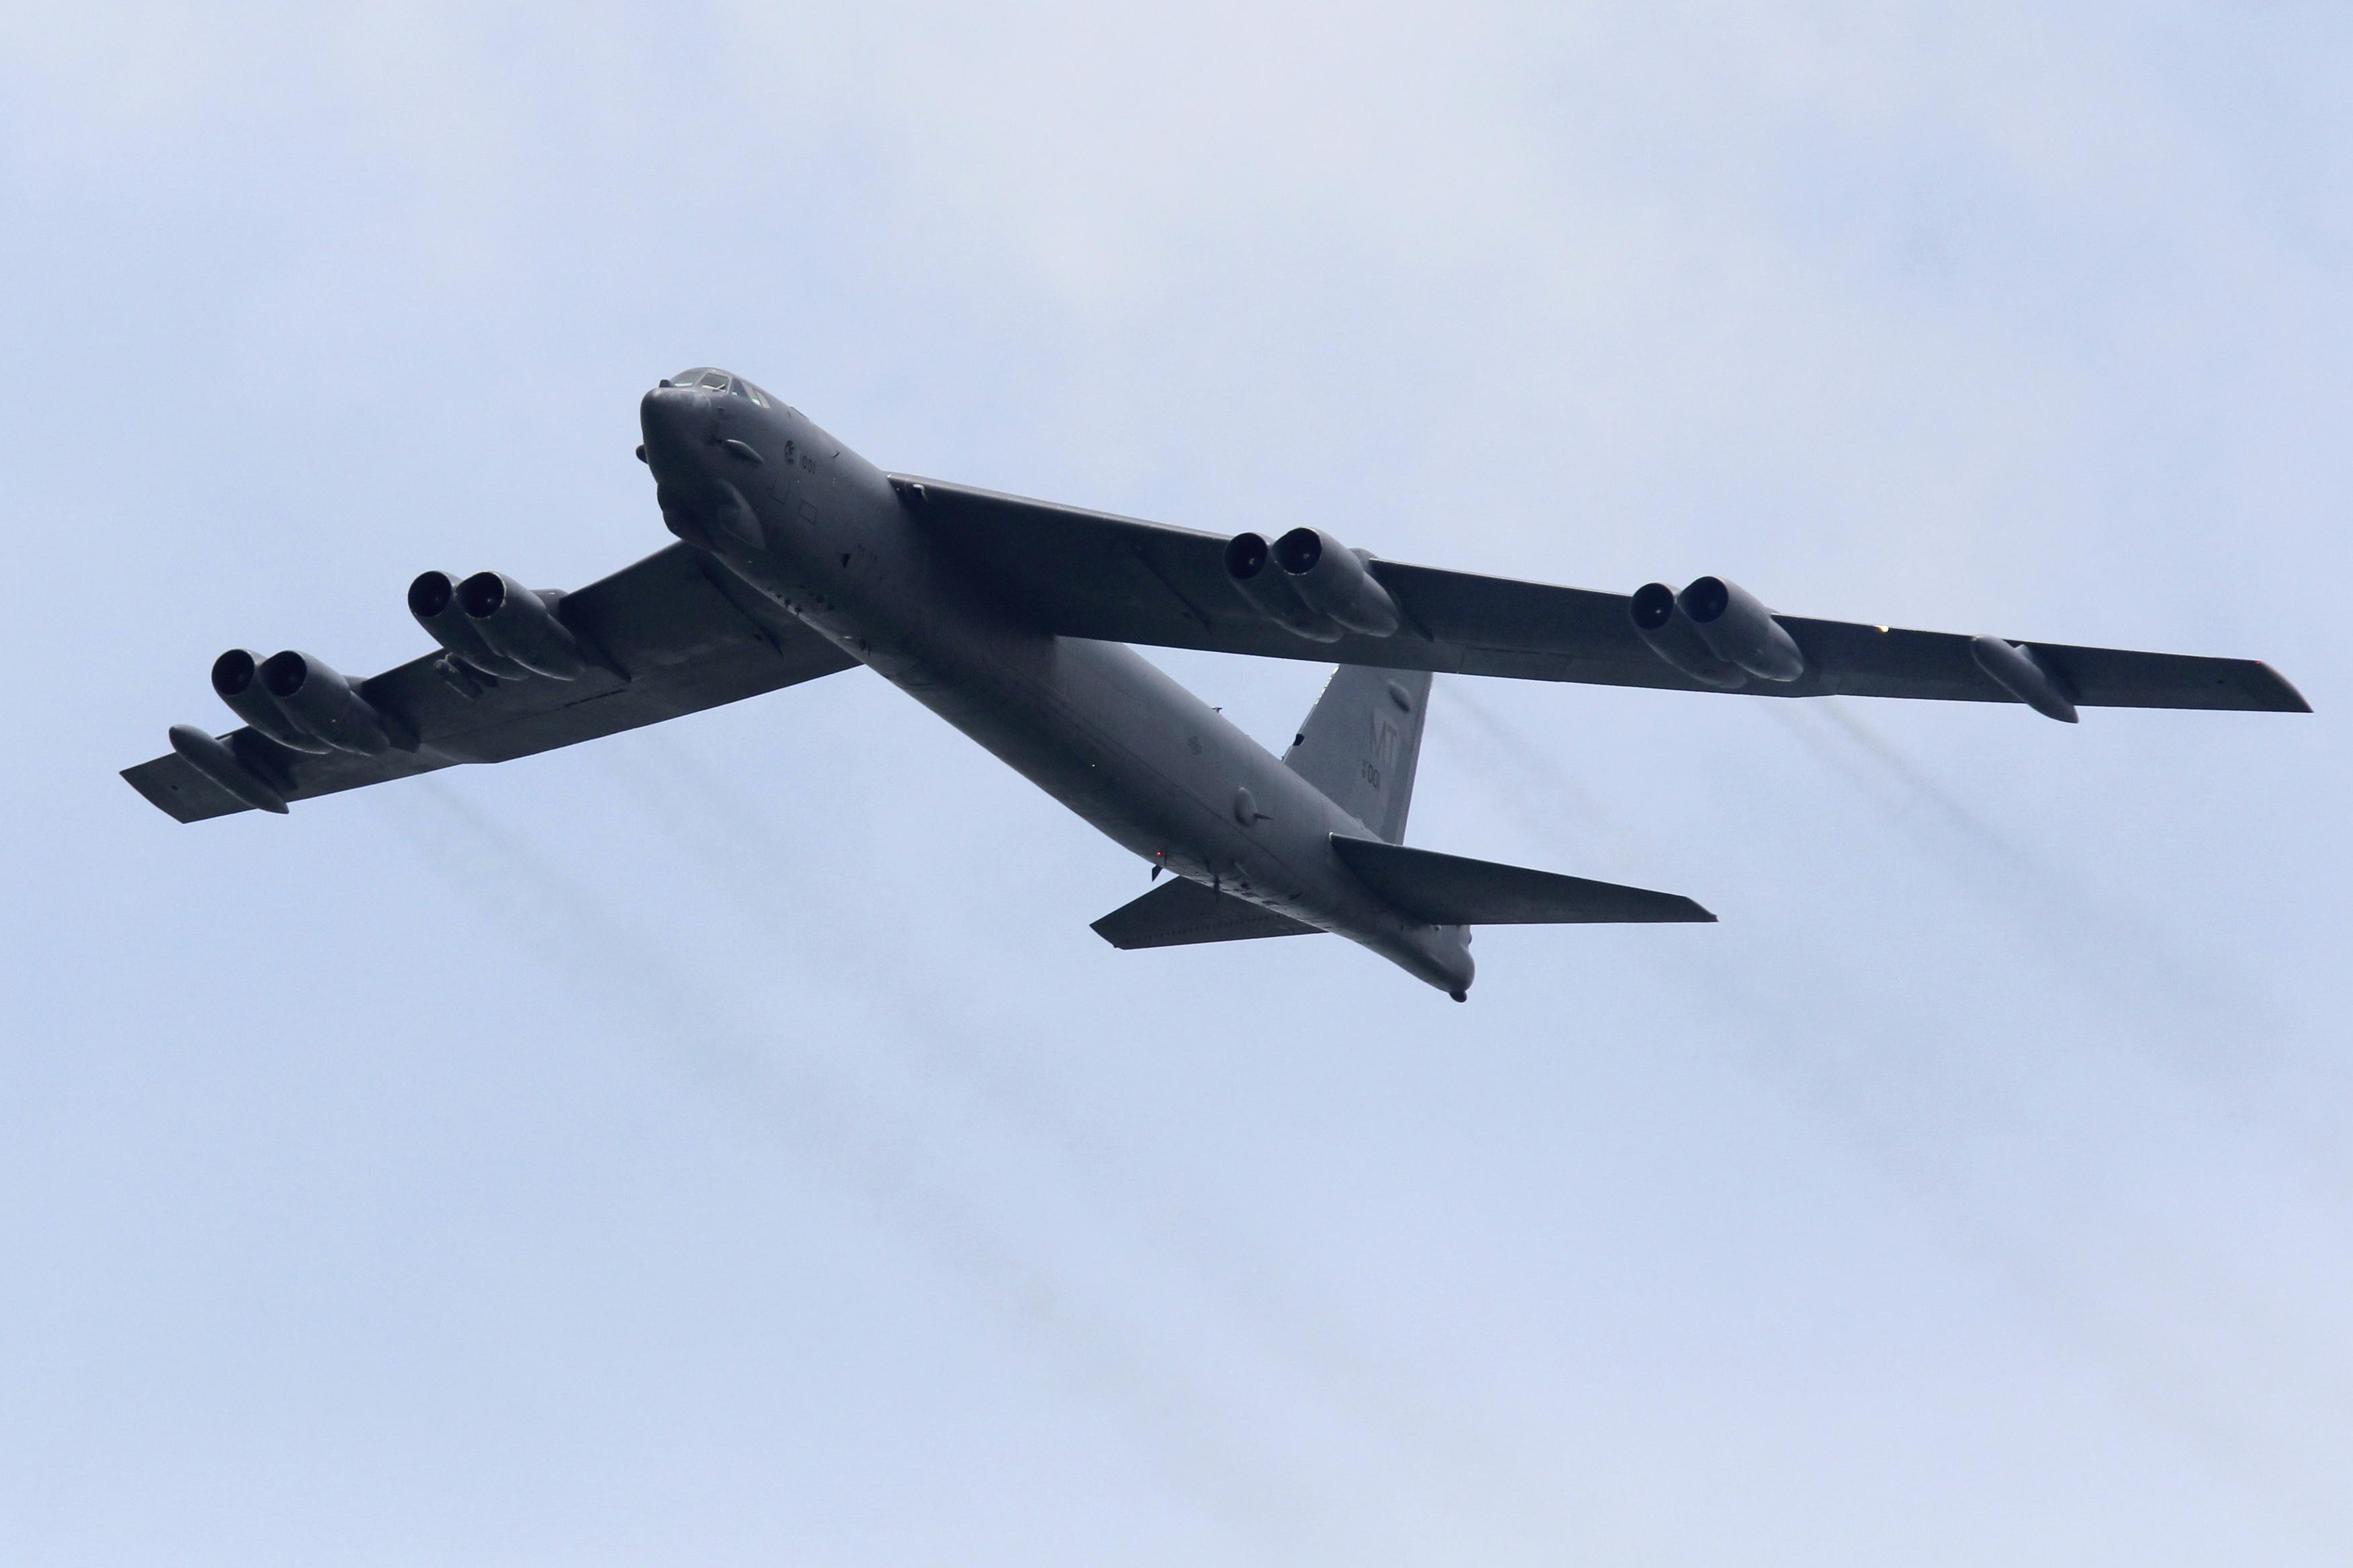 قاذفات بي-52 الأمريكية تصل الخليج في رسالة واضحة لإيران